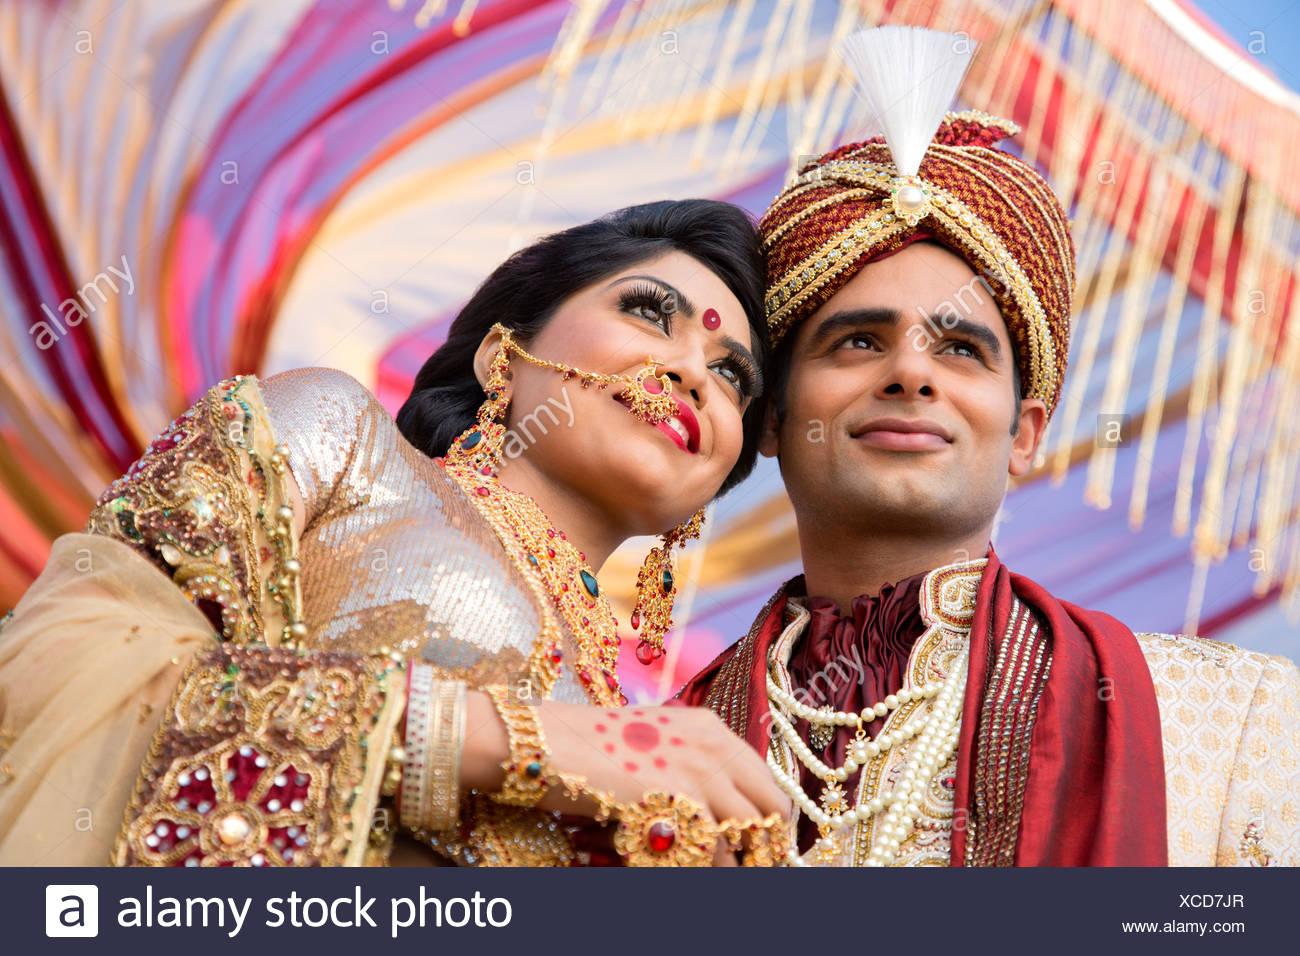 Niedlich Brautkleider Indischen Stil Bräutigam Zeitgenössisch ...